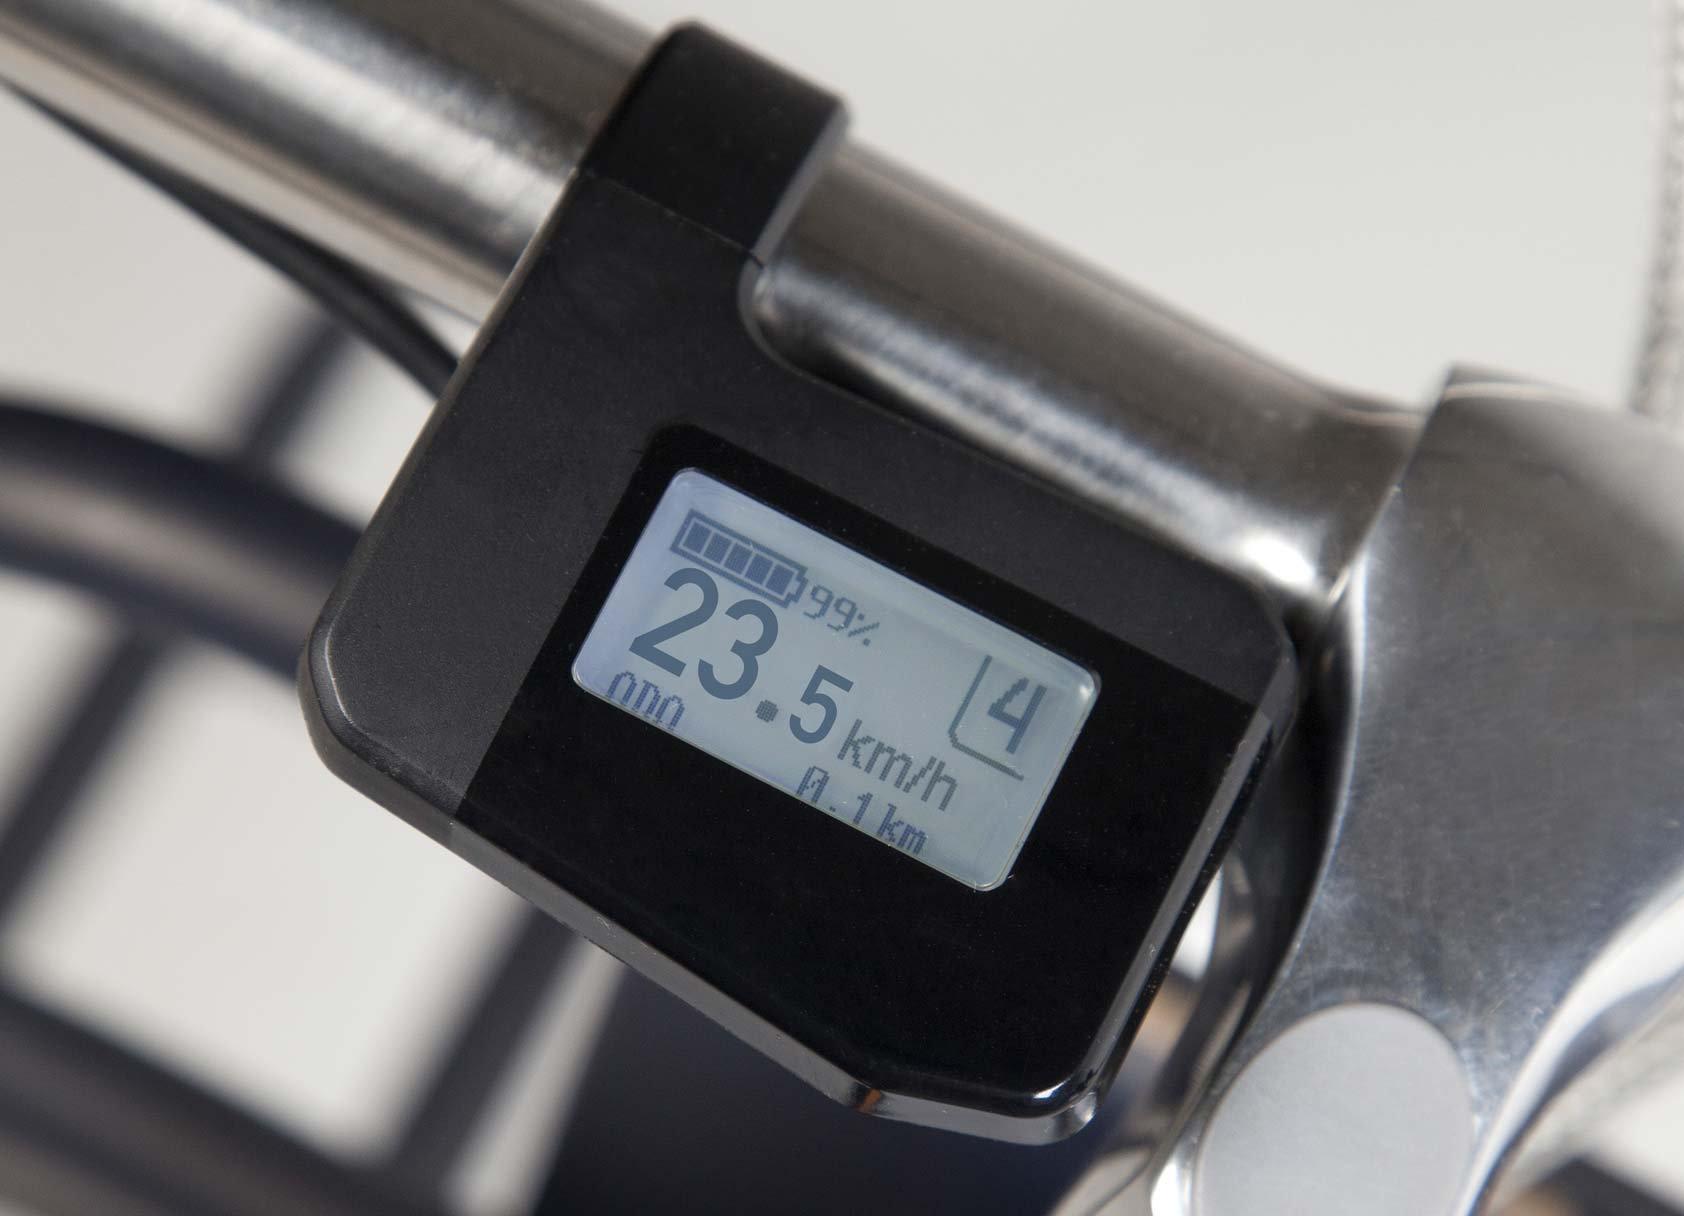 ecomo rendszer - Világhíres technológia, mely az első kerékmotoron keresztül tartja a 25km/h-s sebességet.